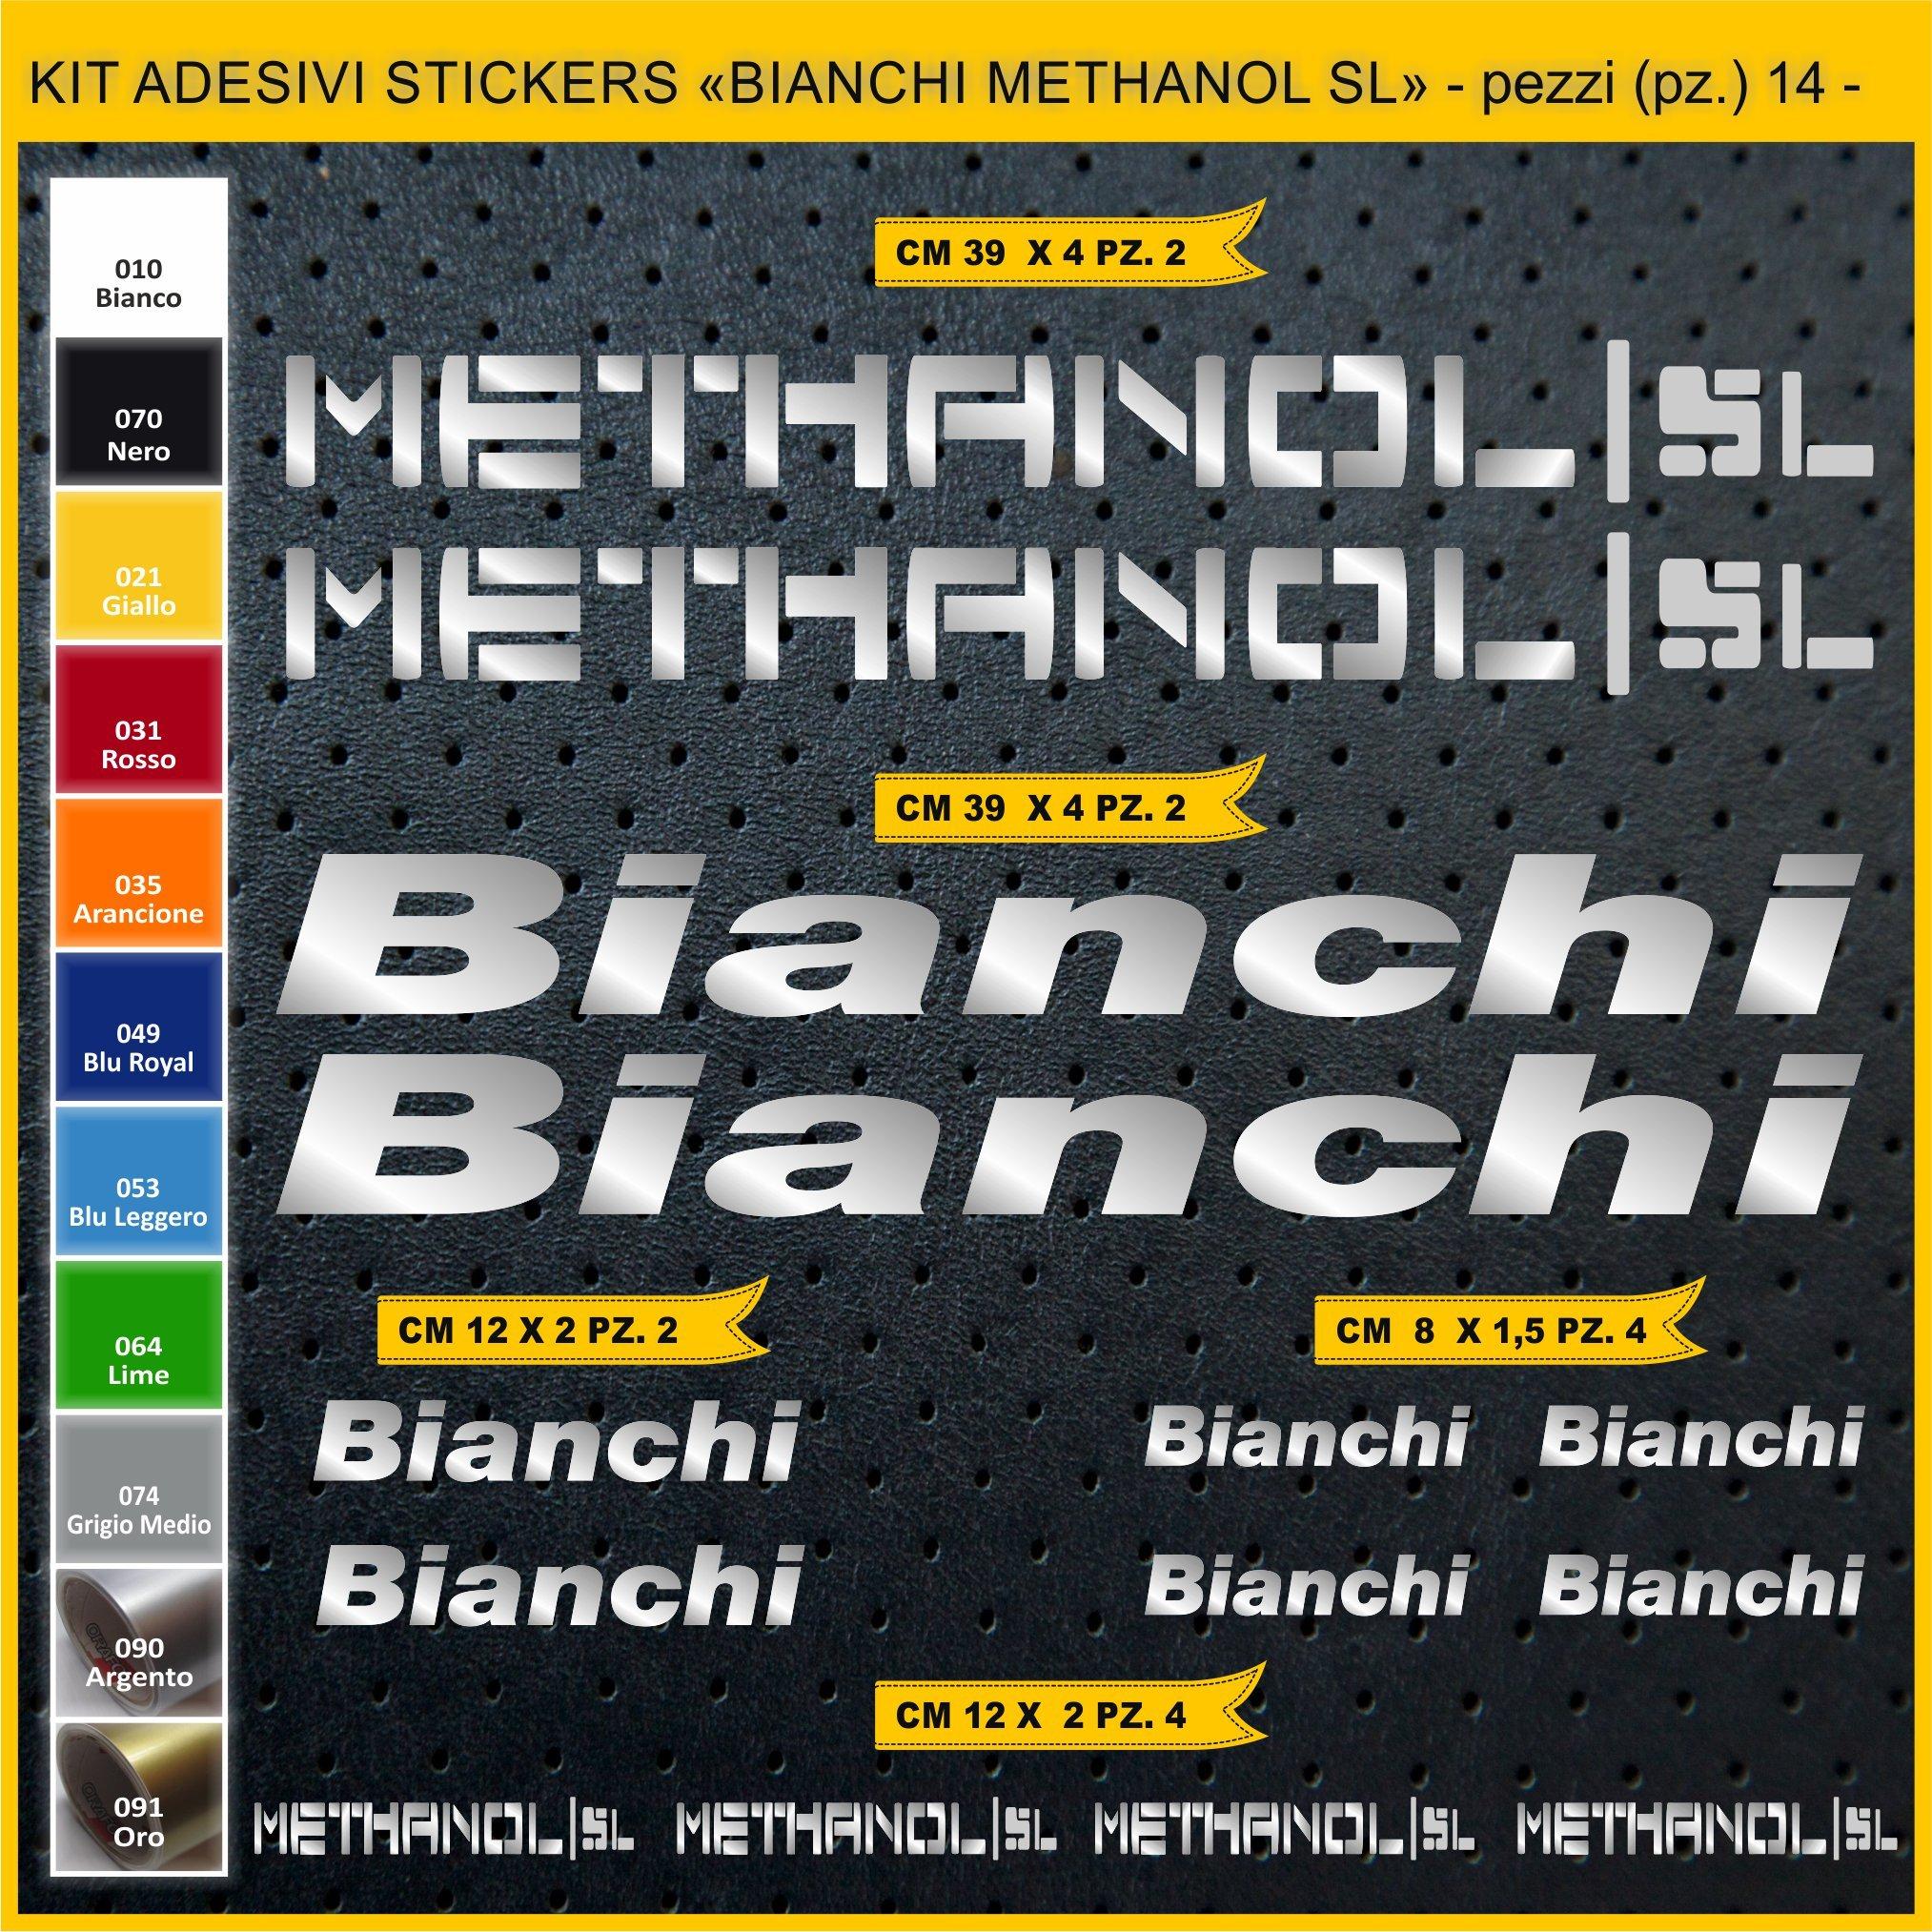 Kit Pegatinas Stickers Bicicleta Bianchi METHANOL SL -14 Piezas- Bike Cycle Cod. 0818 (090 Argento): Amazon.es: Deportes y aire libre